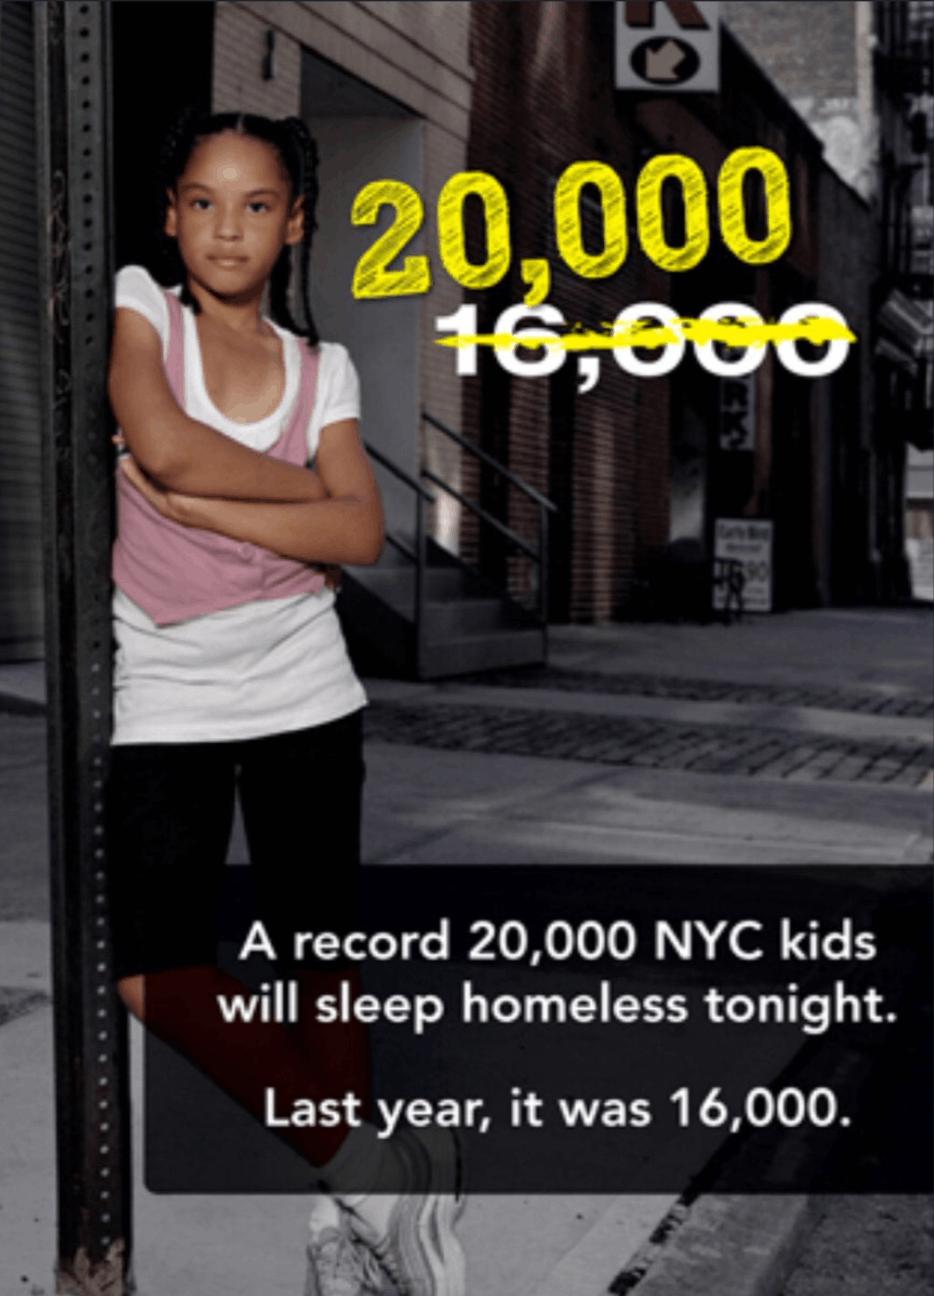 « Un chiffre record de 20 000 enfants à New York vont dormir sans abri cette nuit. L'année dernière ils étaient 16 000 ». Campagne dans le métro de New York, 2012.